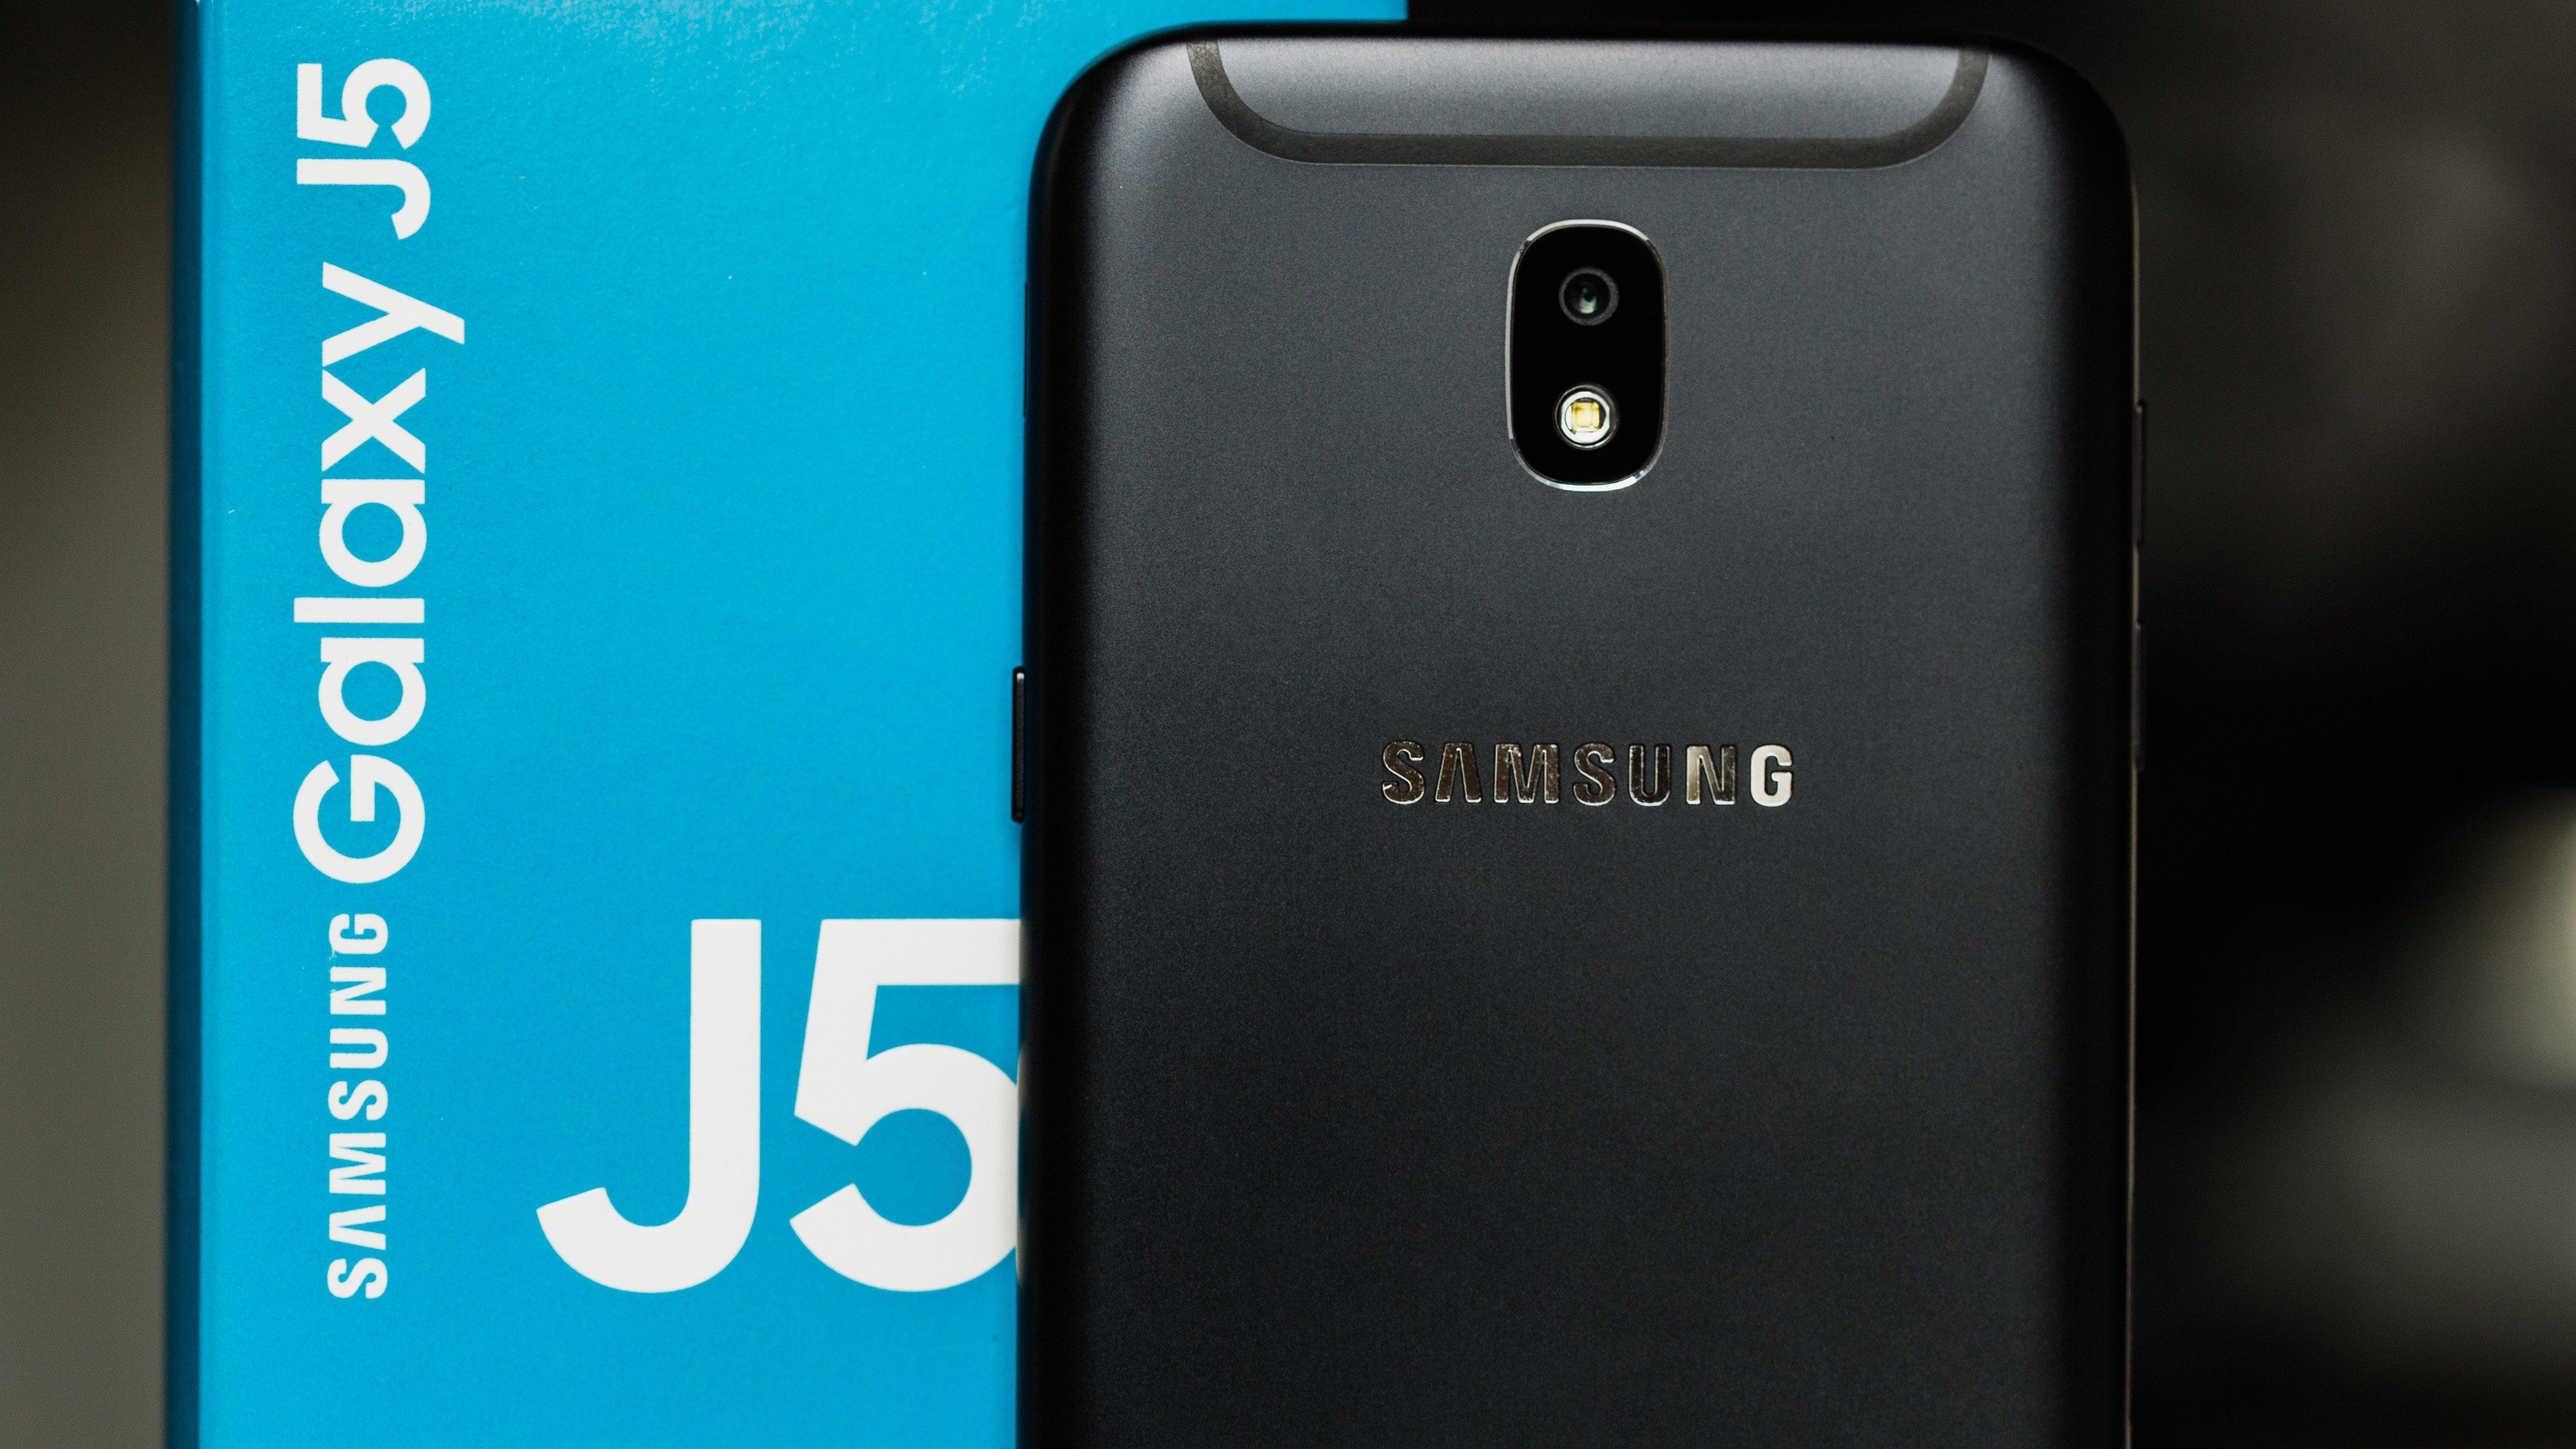 Come riparare l'errore Samsung Mobile Camera? 2